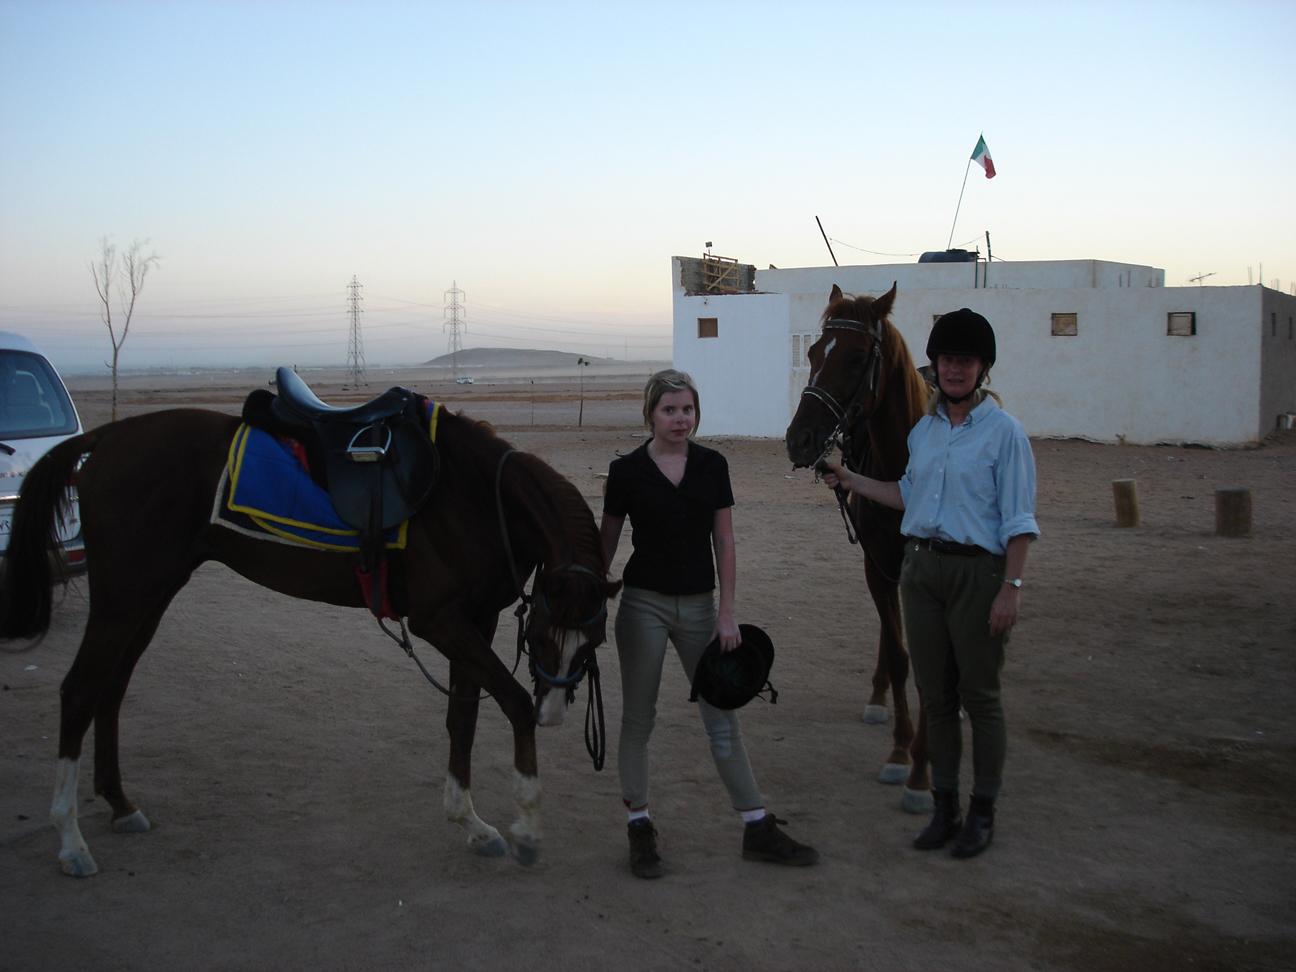 Paseos a caballo en el desierto del Sinaí desde Sharm el Sheikh